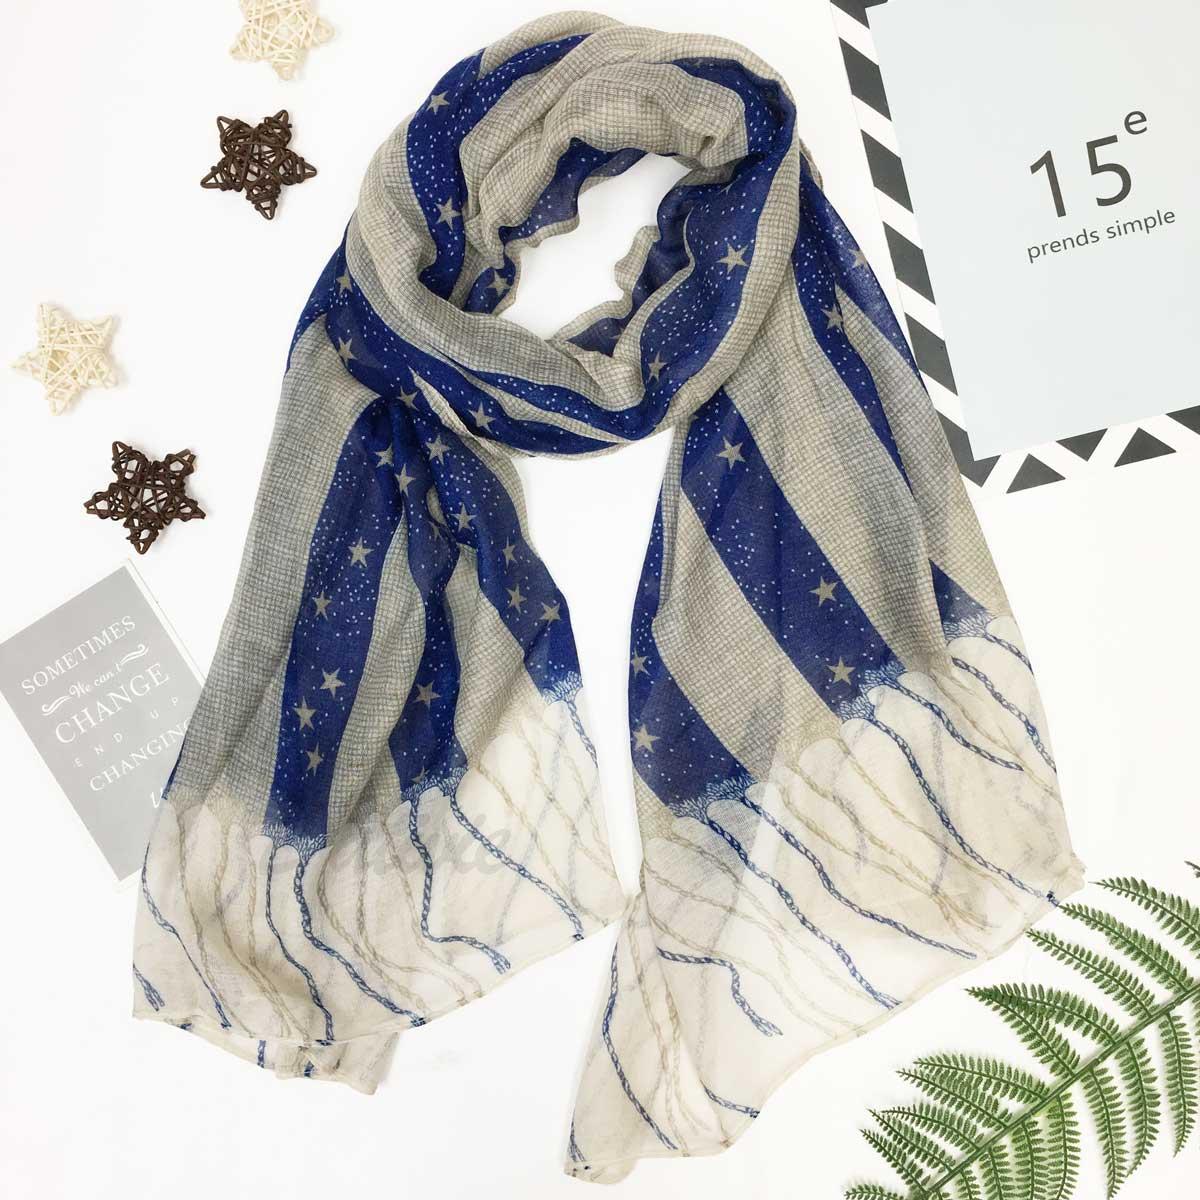 圍巾 披肩 星星 撞色 抽象 假流蘇 薄圍巾